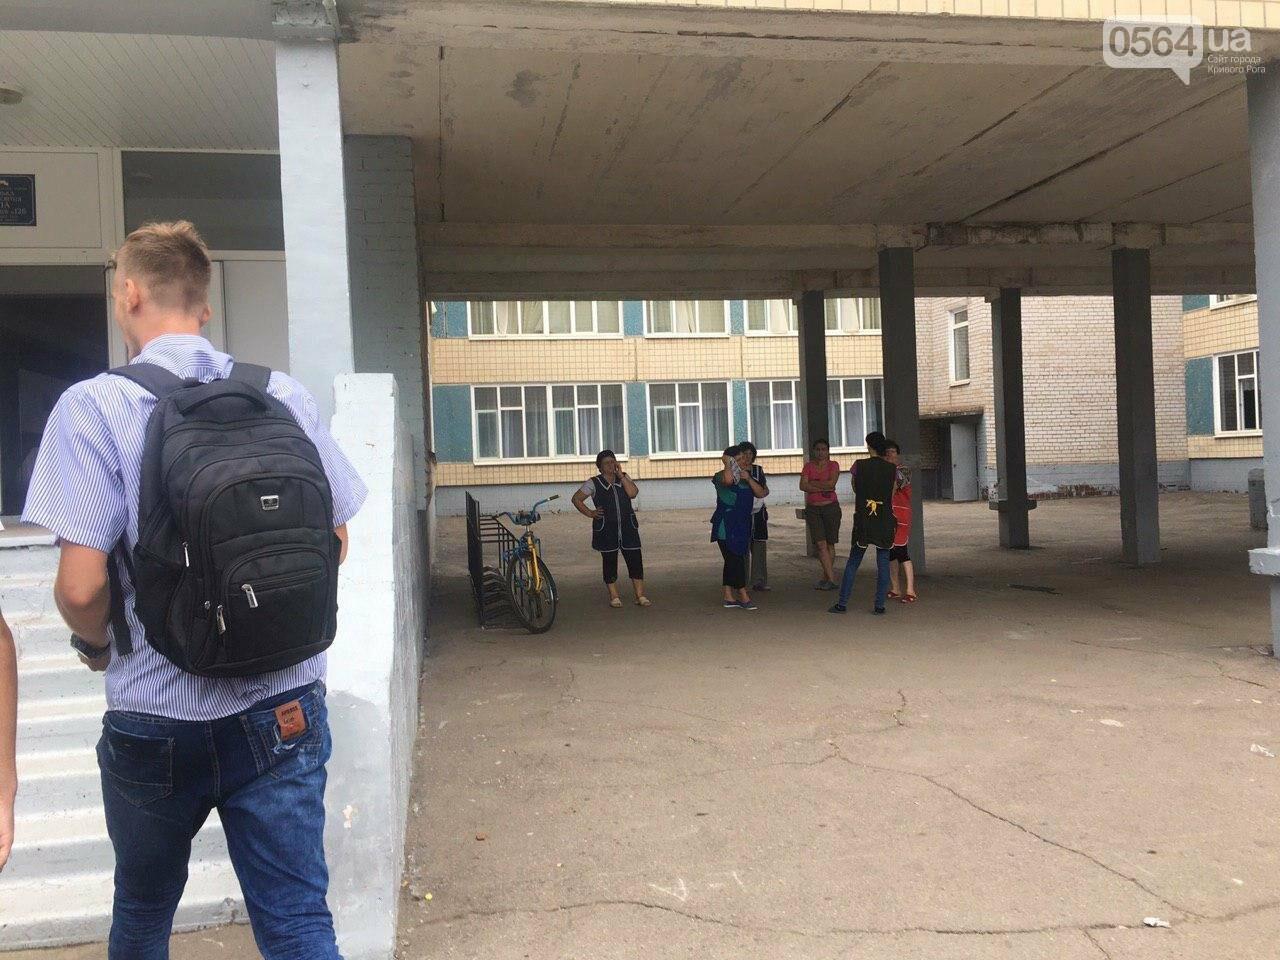 В одной из школ Кривого Рога из-за распыления неизвестного вещества срочно эвакуировали детей, - ФОТО, фото-12